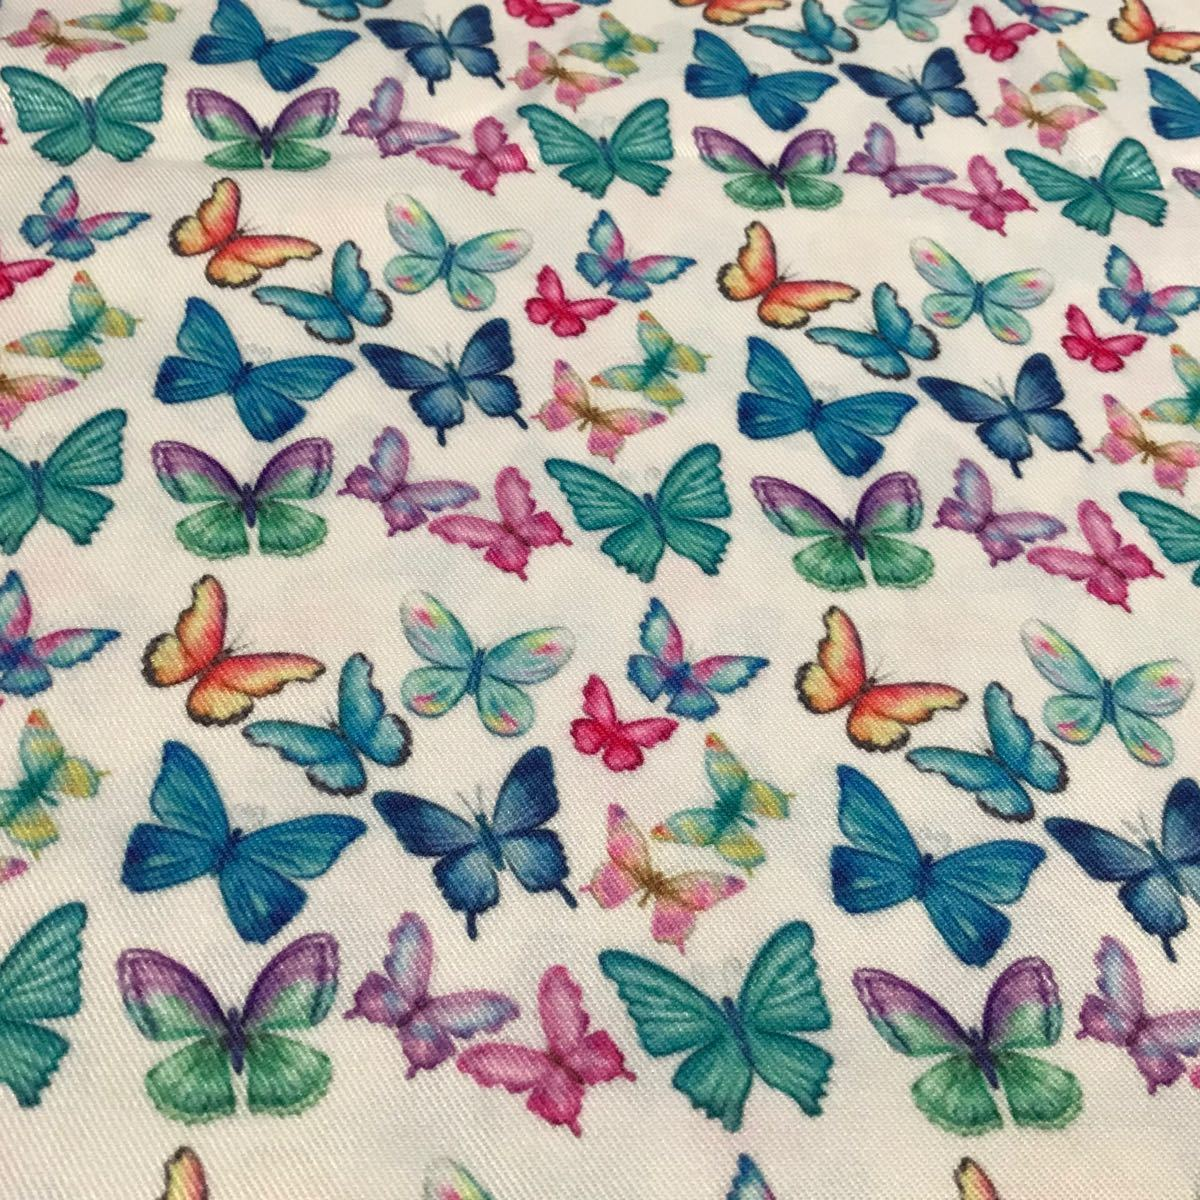 蝶々柄 ちょうちょ 生地 はぎれ 70×50 和柄 着物柄 鬼滅の刃 胡蝶しのぶ